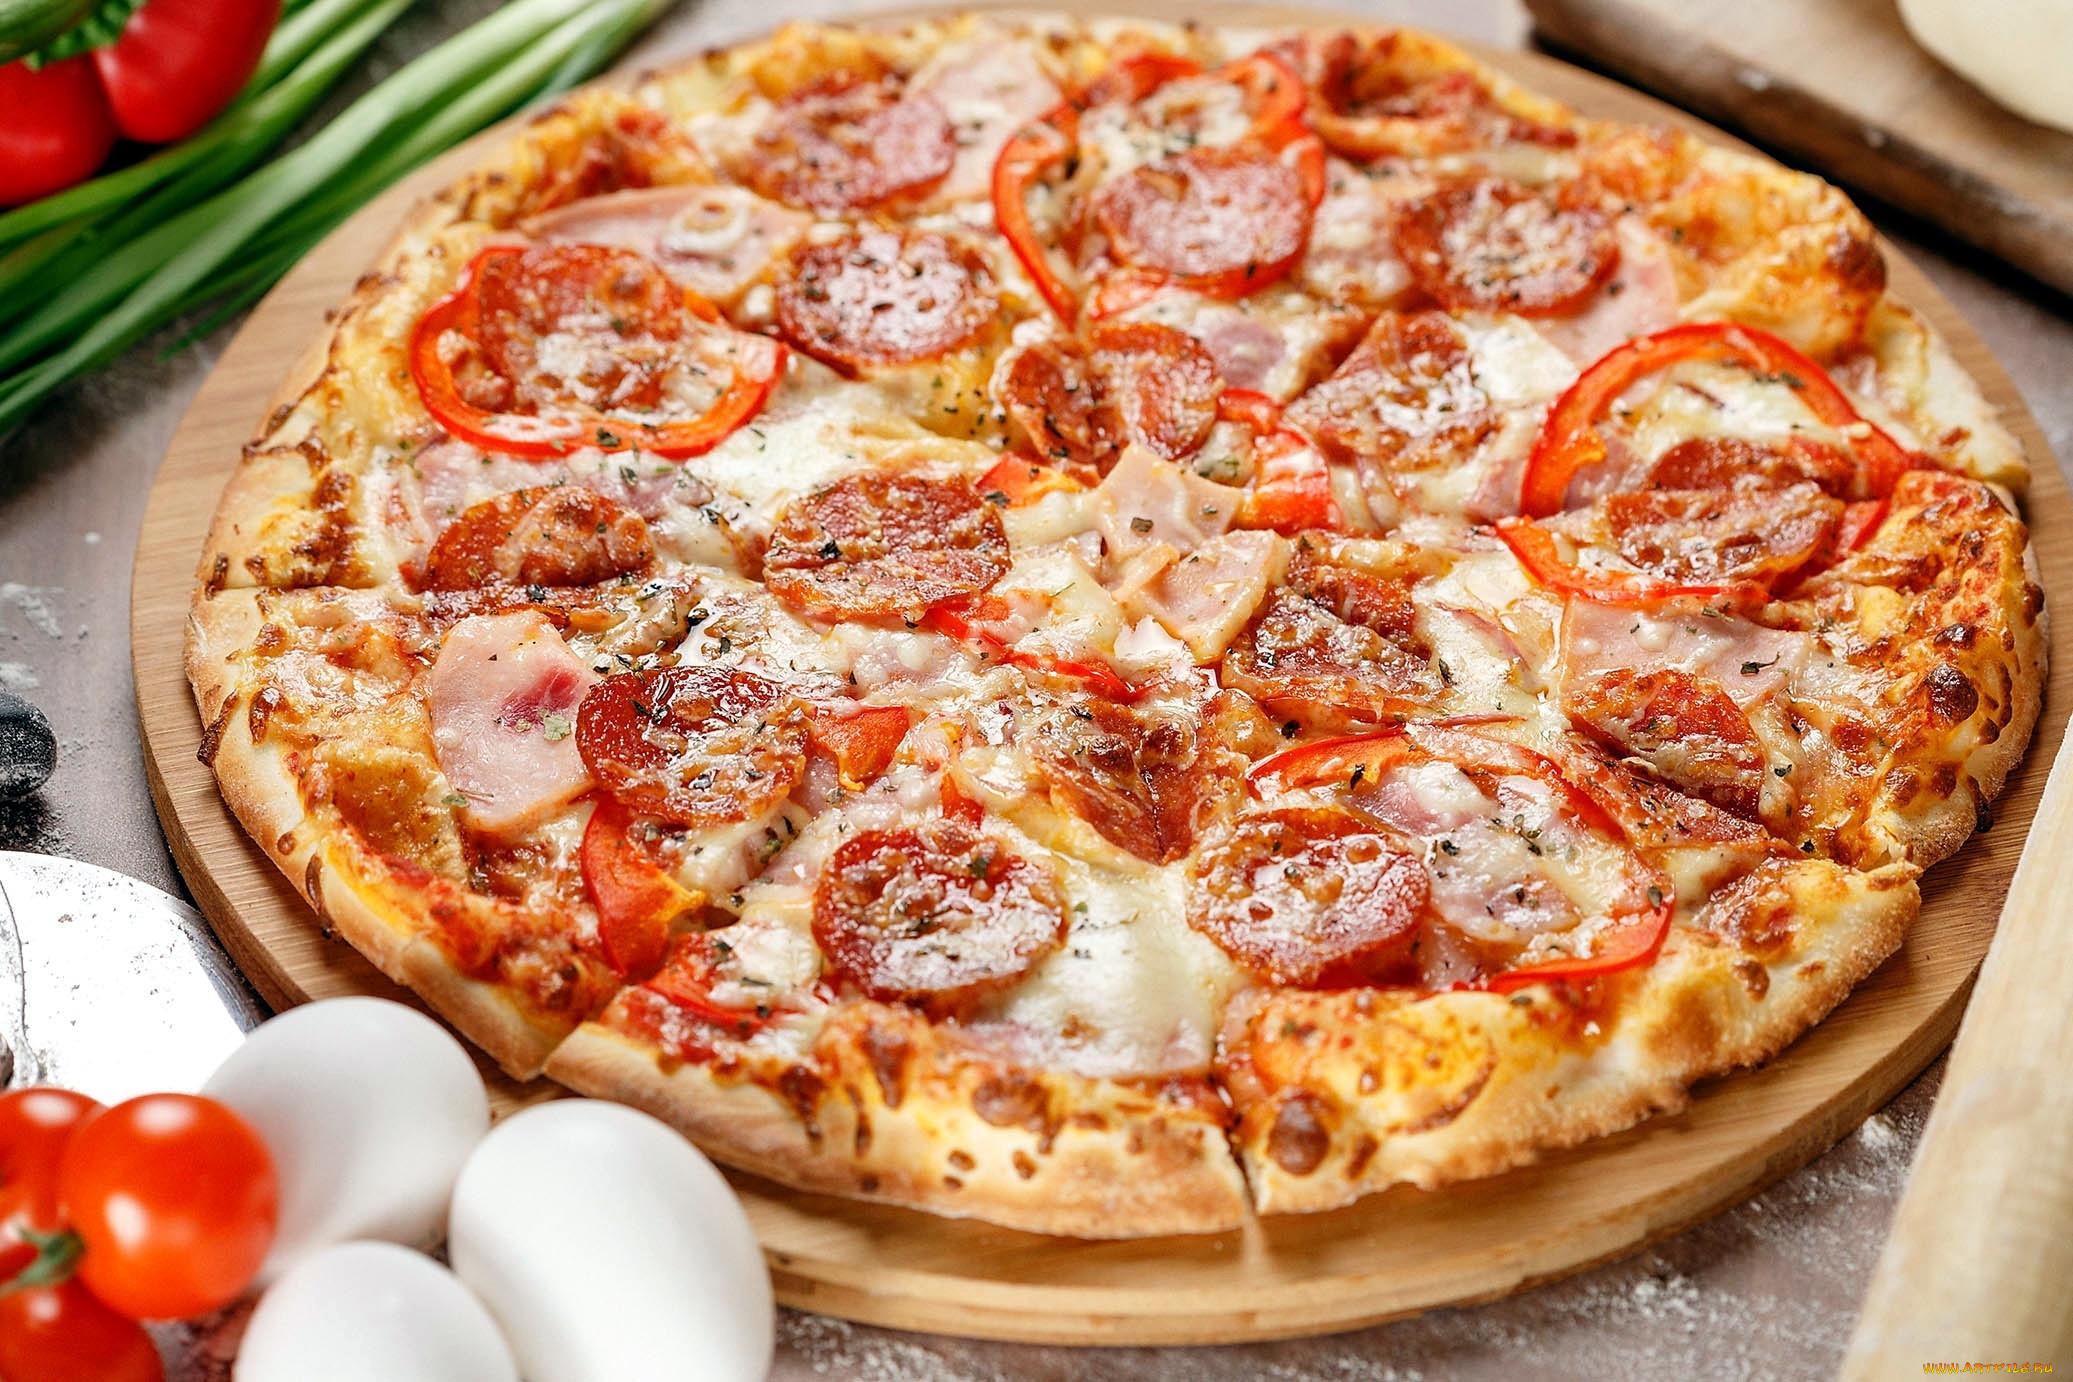 фото фото пиццы крупным планом топиарий своими